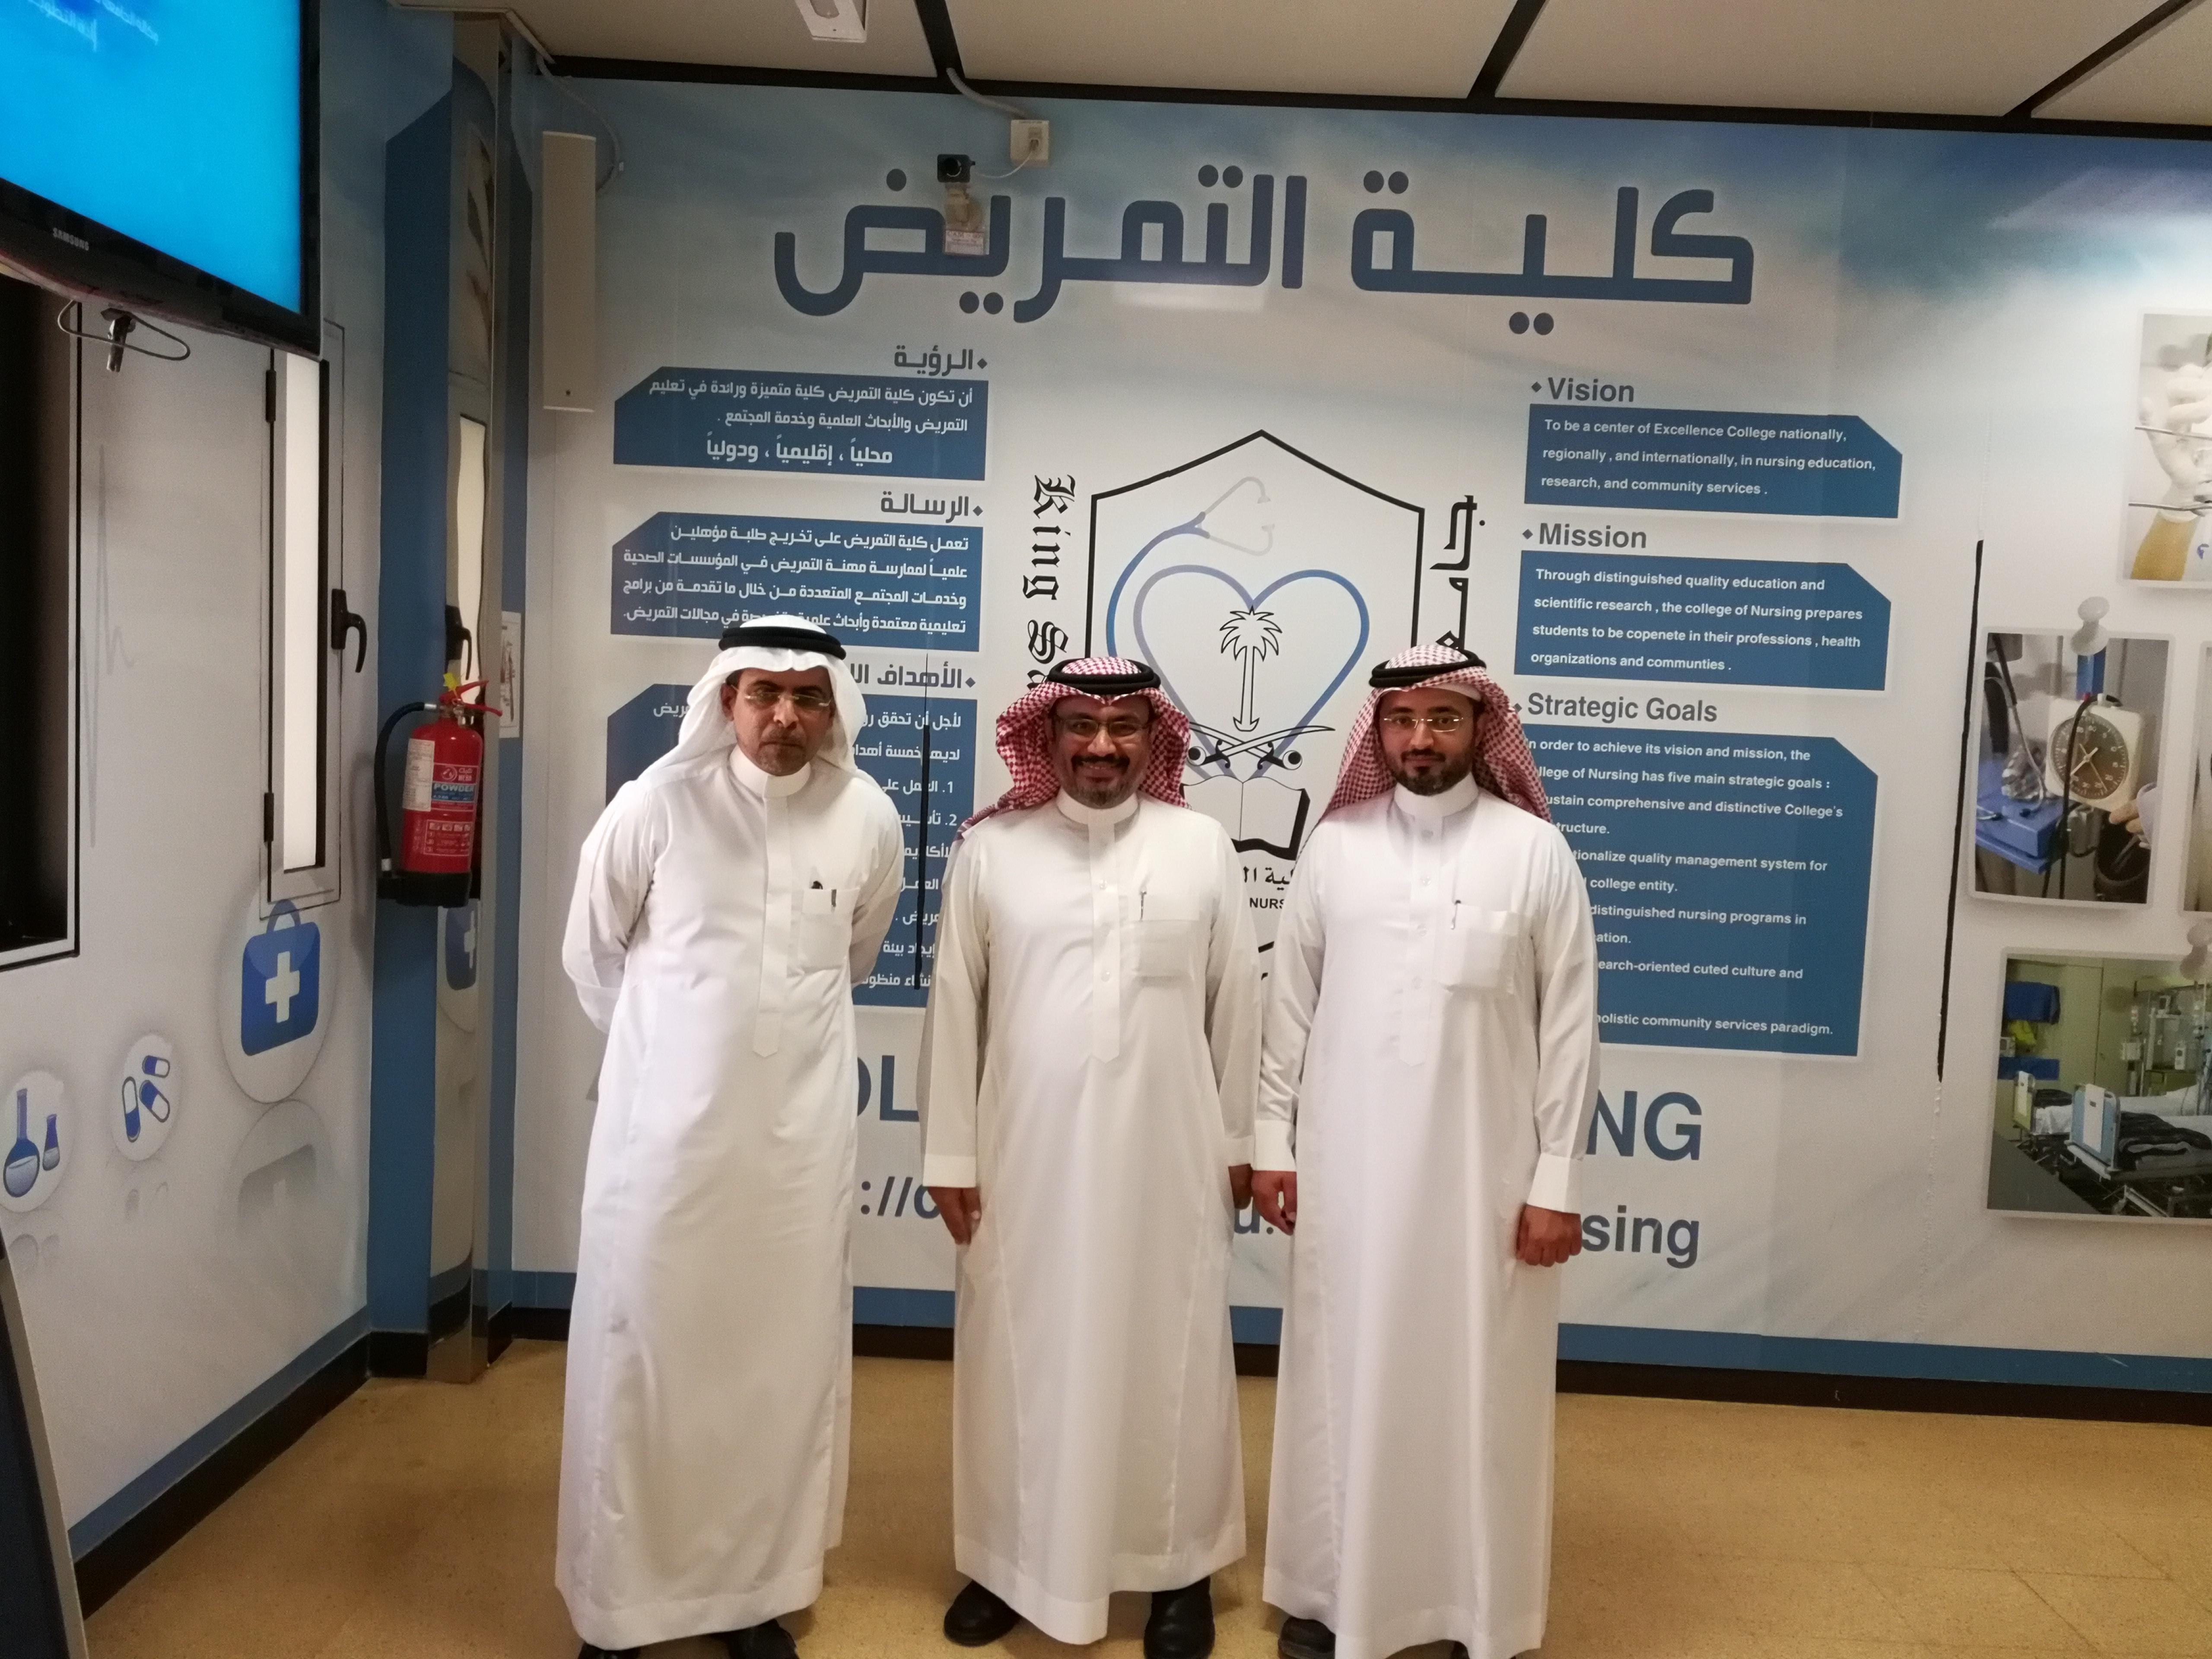 كلية التمريض تستضيف رئيس مركز المهارات السريرية بجامعة الملك عبدالعزيز